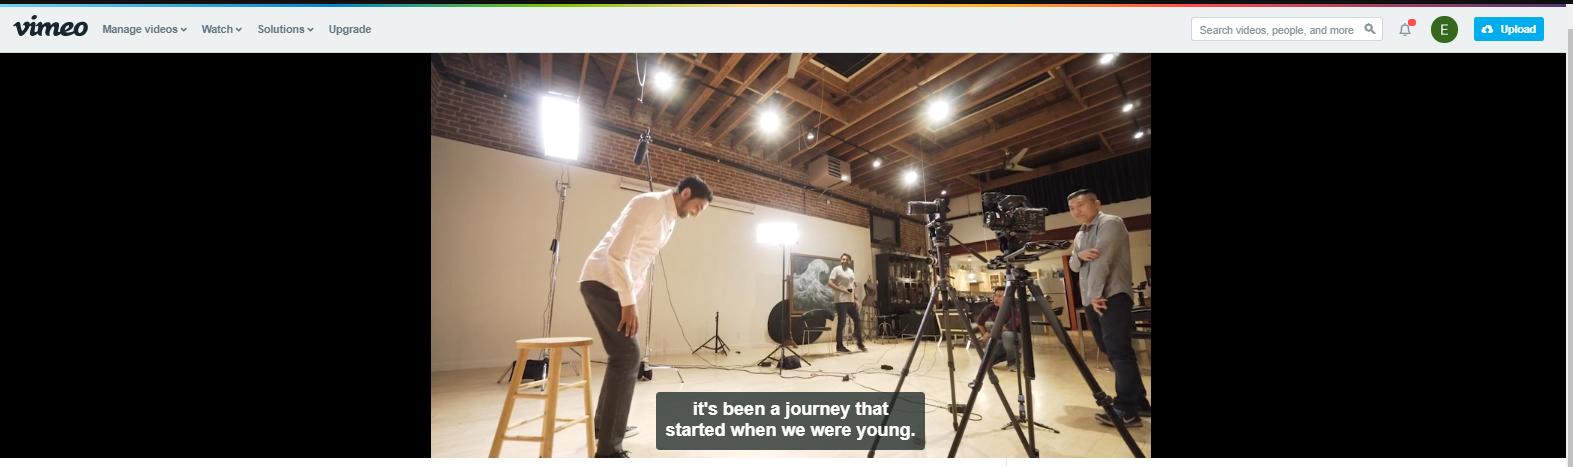 Your caption/subtitle is now live